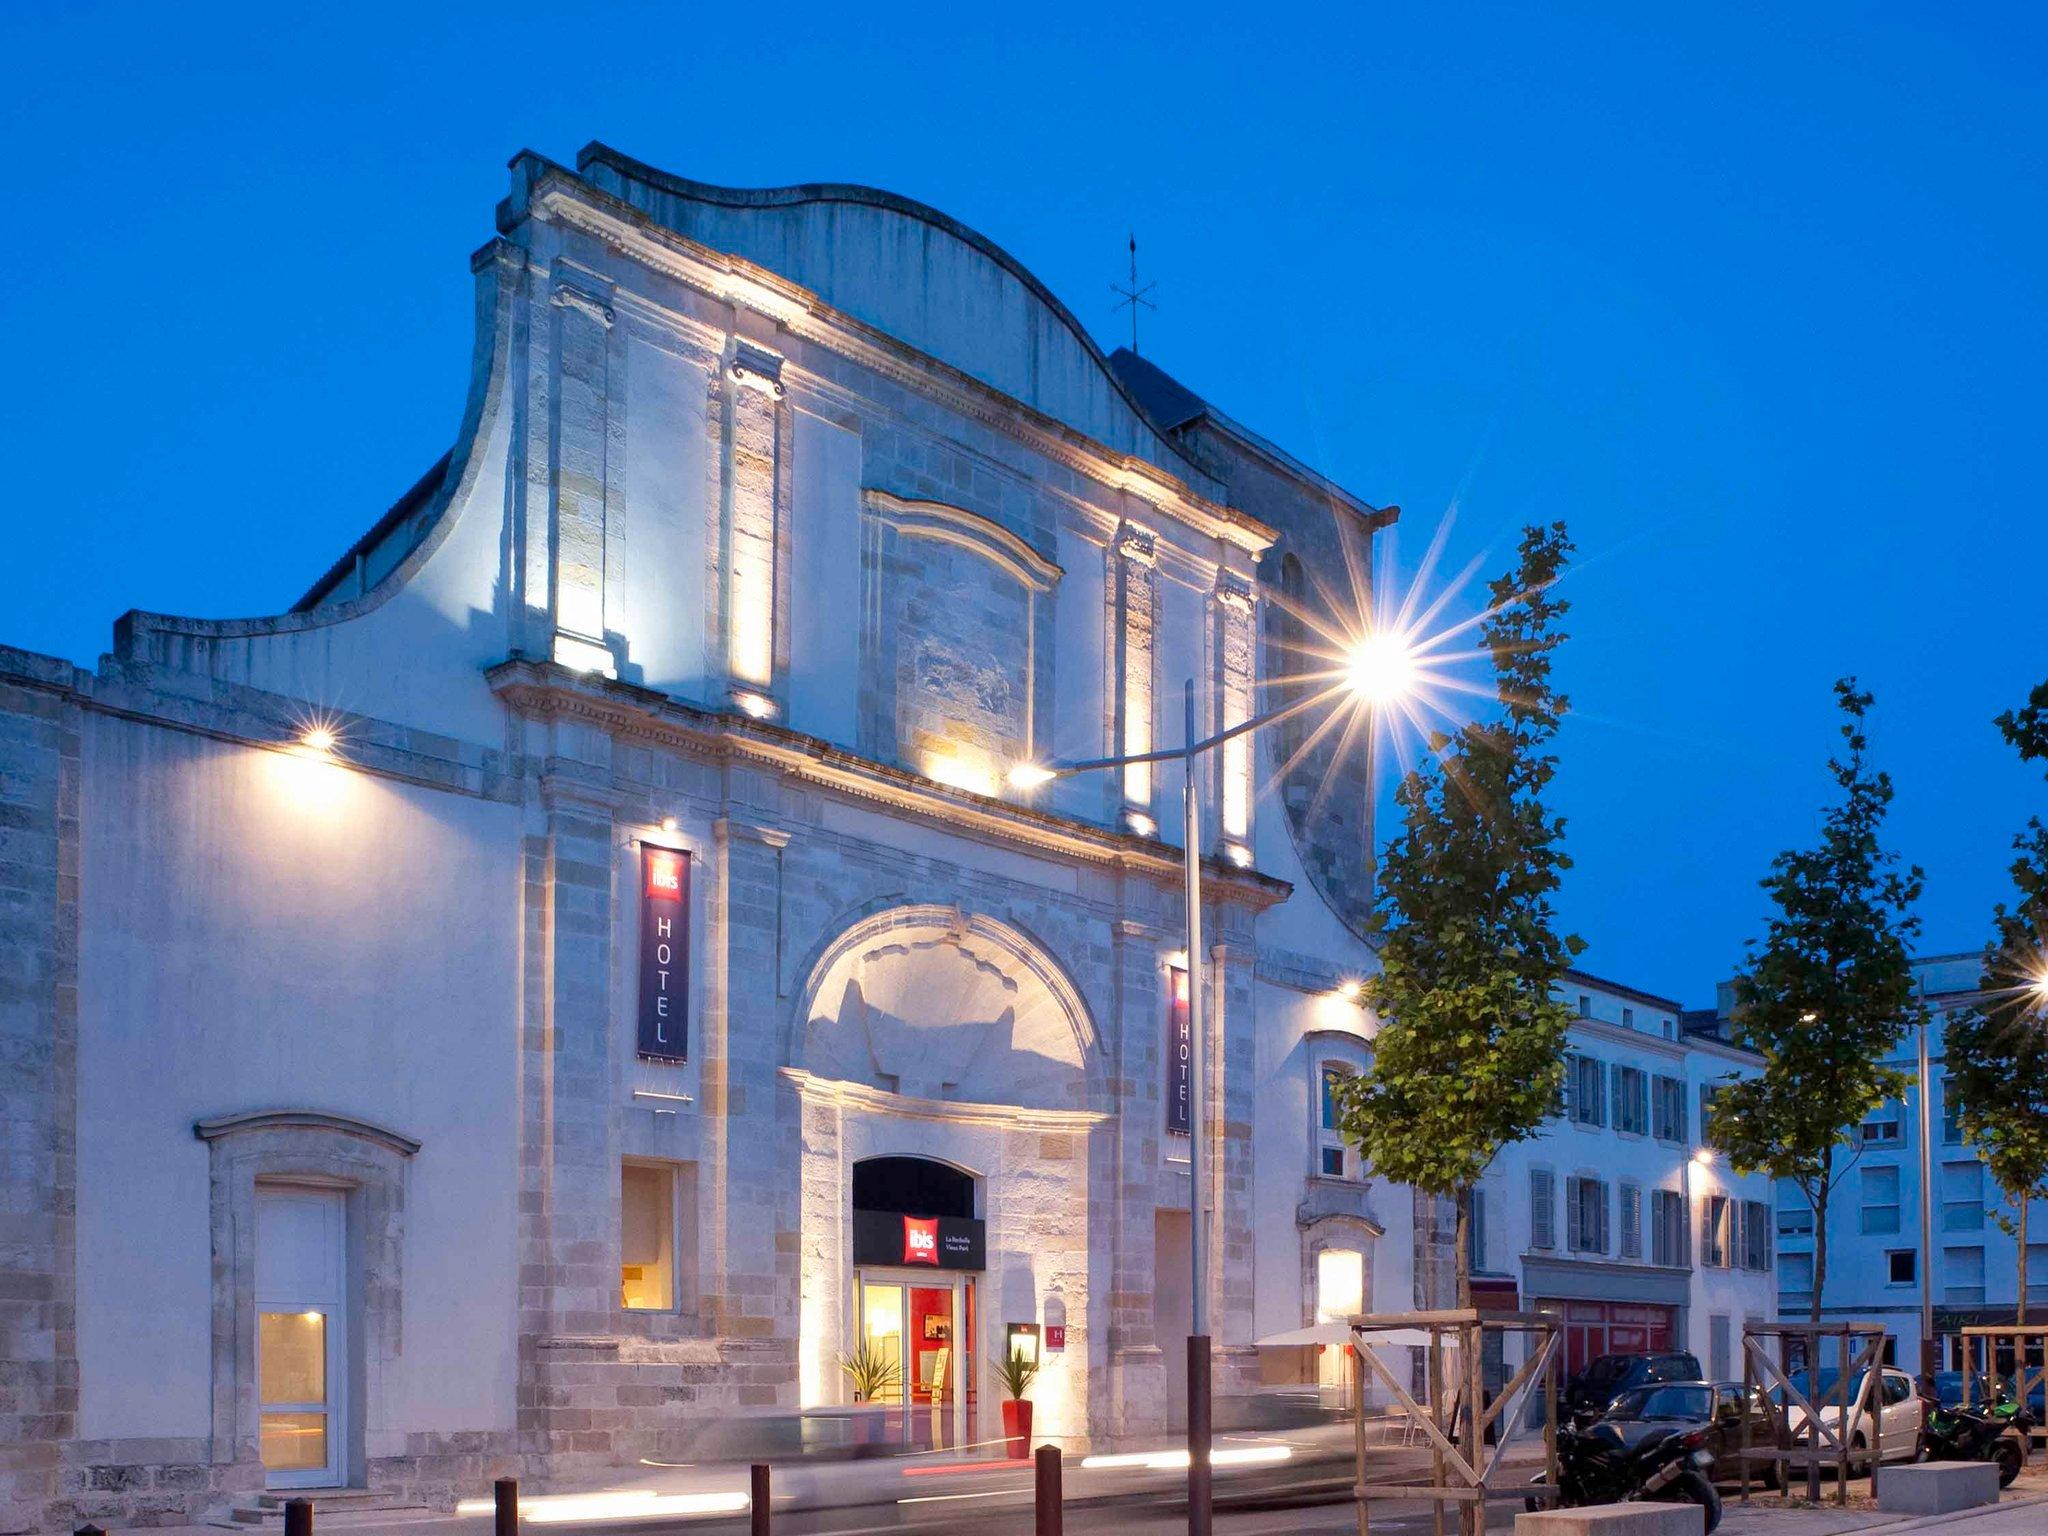 la rochelle harbour hotels sydney - photo#16